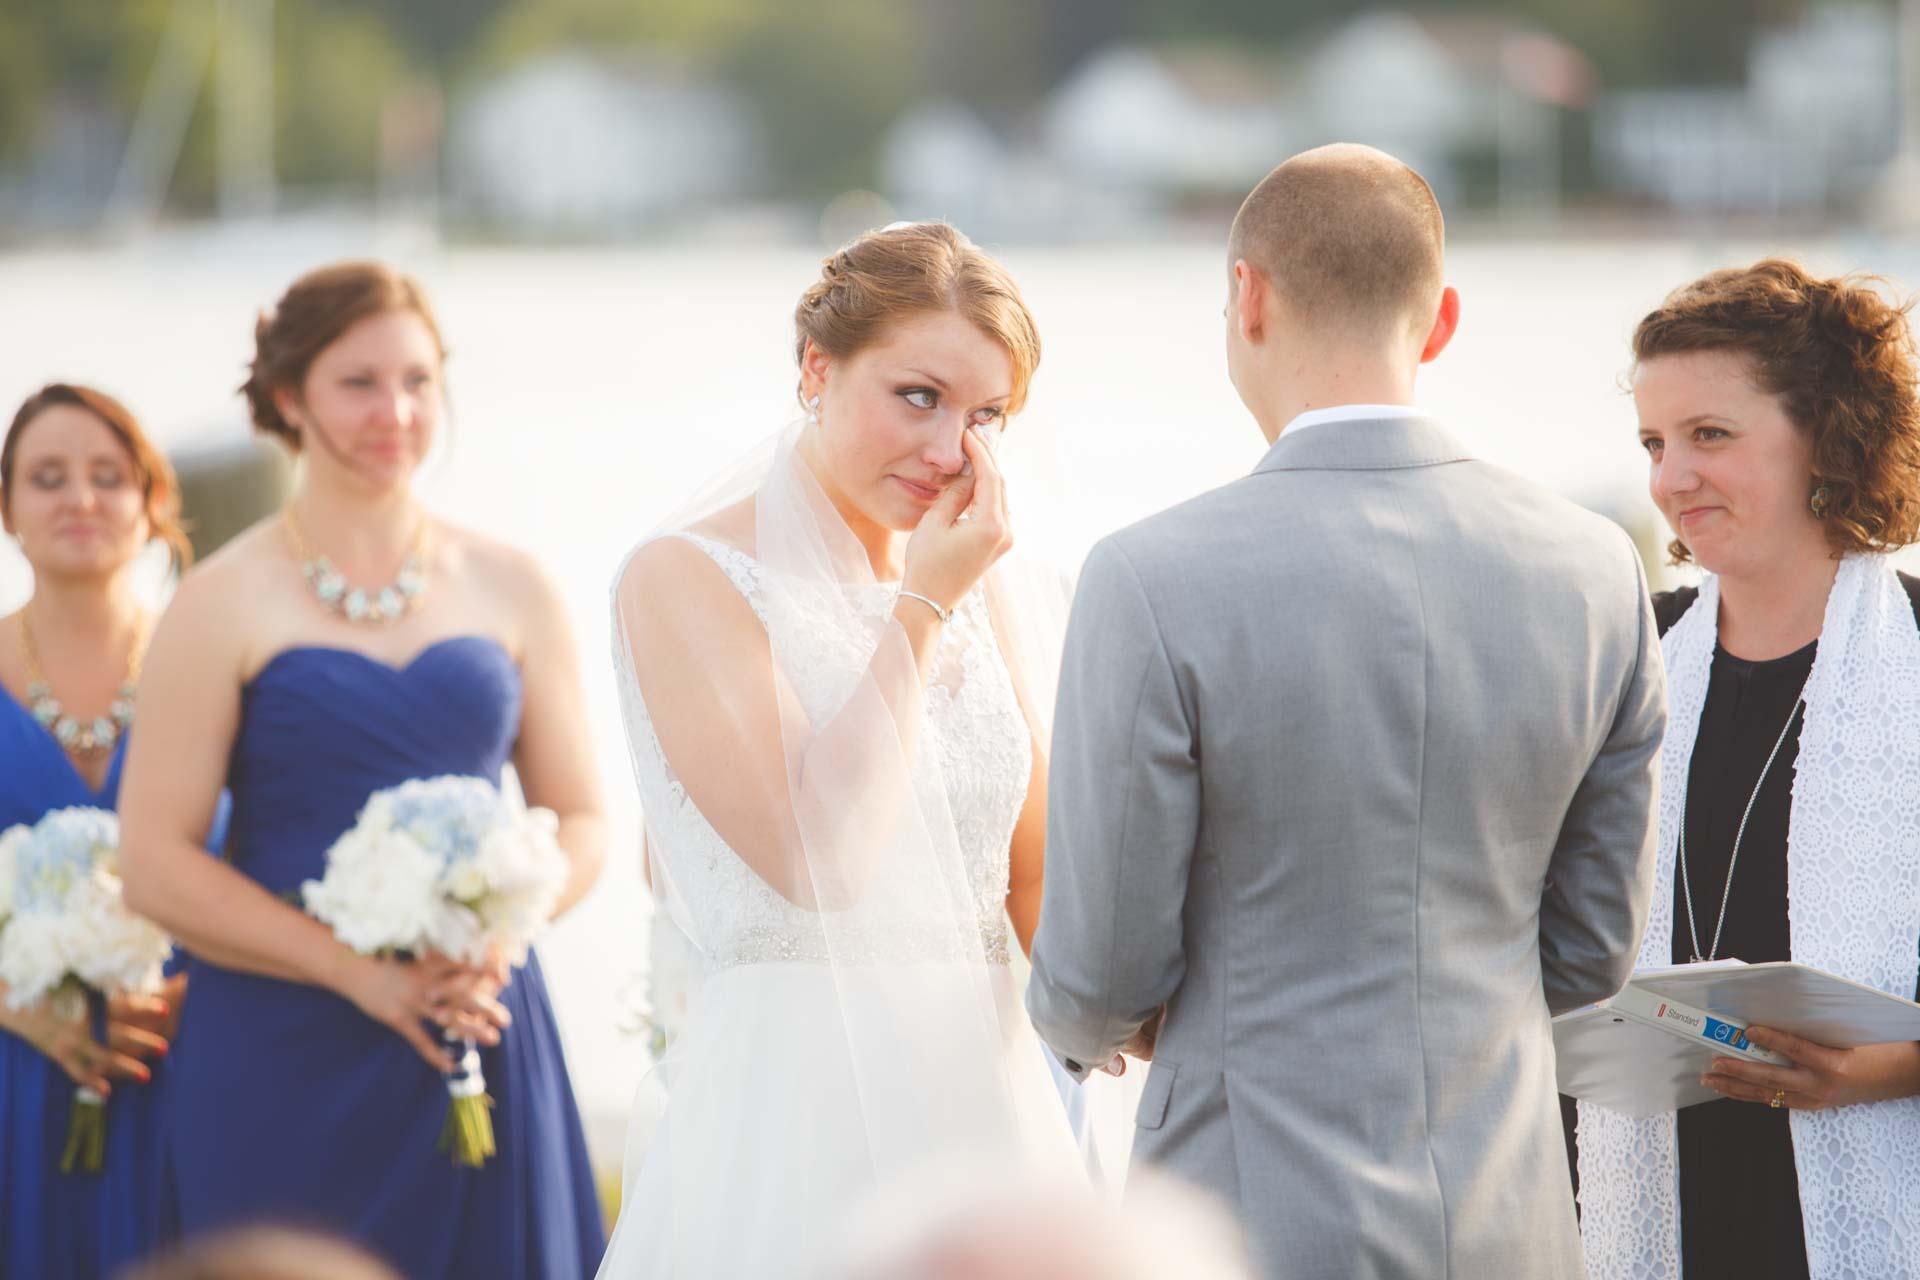 latitude-41-wedding-photography (23 of 66).jpg